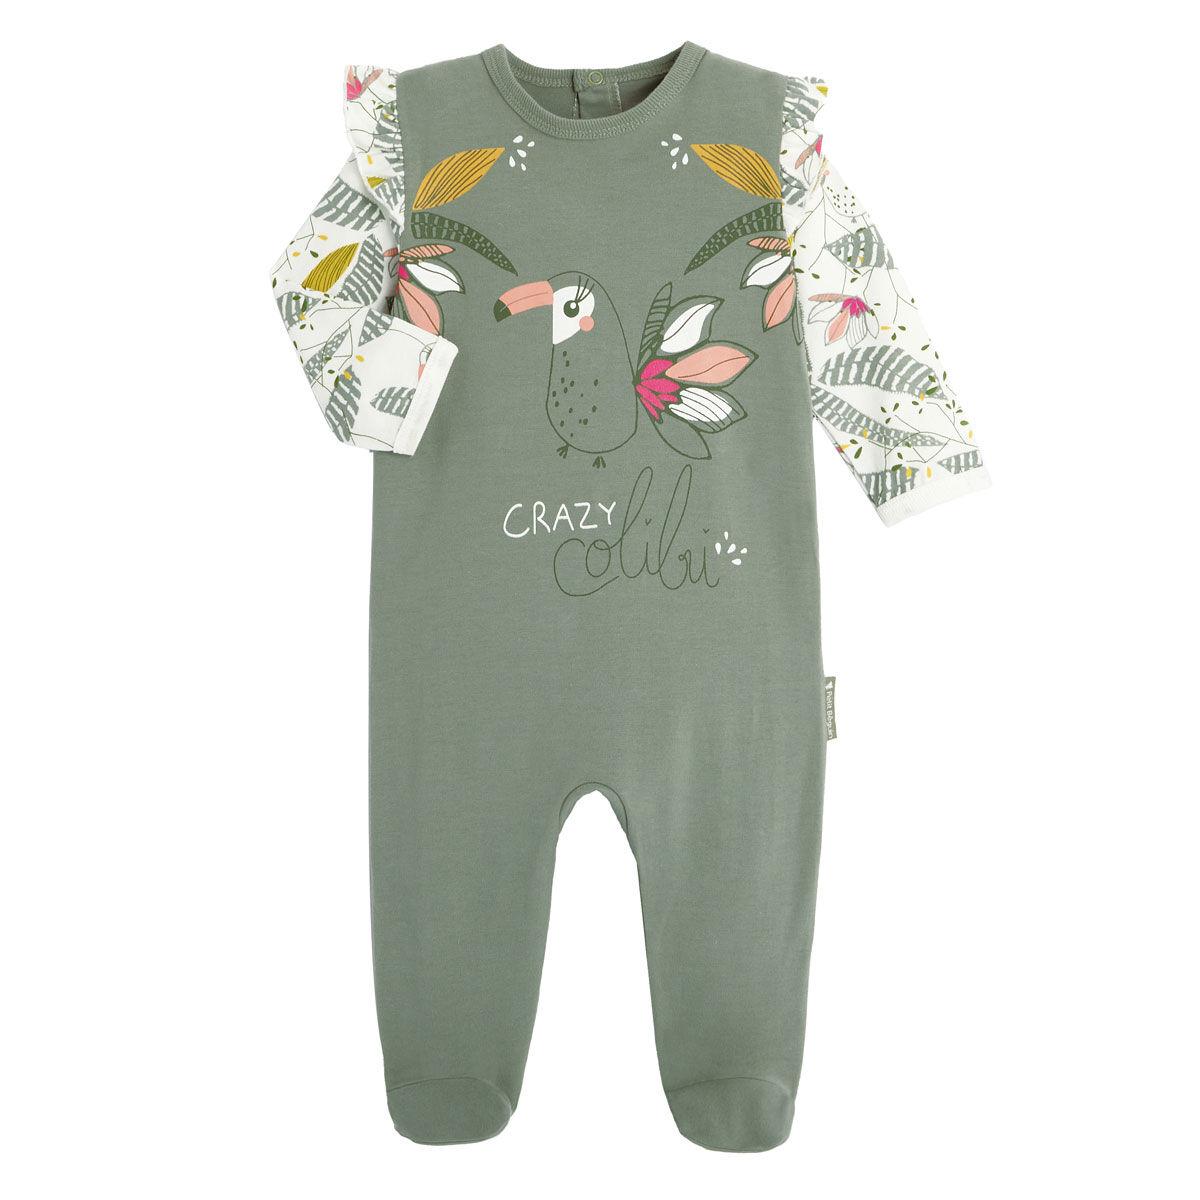 Petit Béguin Pyjama bébé contenant du coton bio Crazy Colibri - Taille - 24 mois